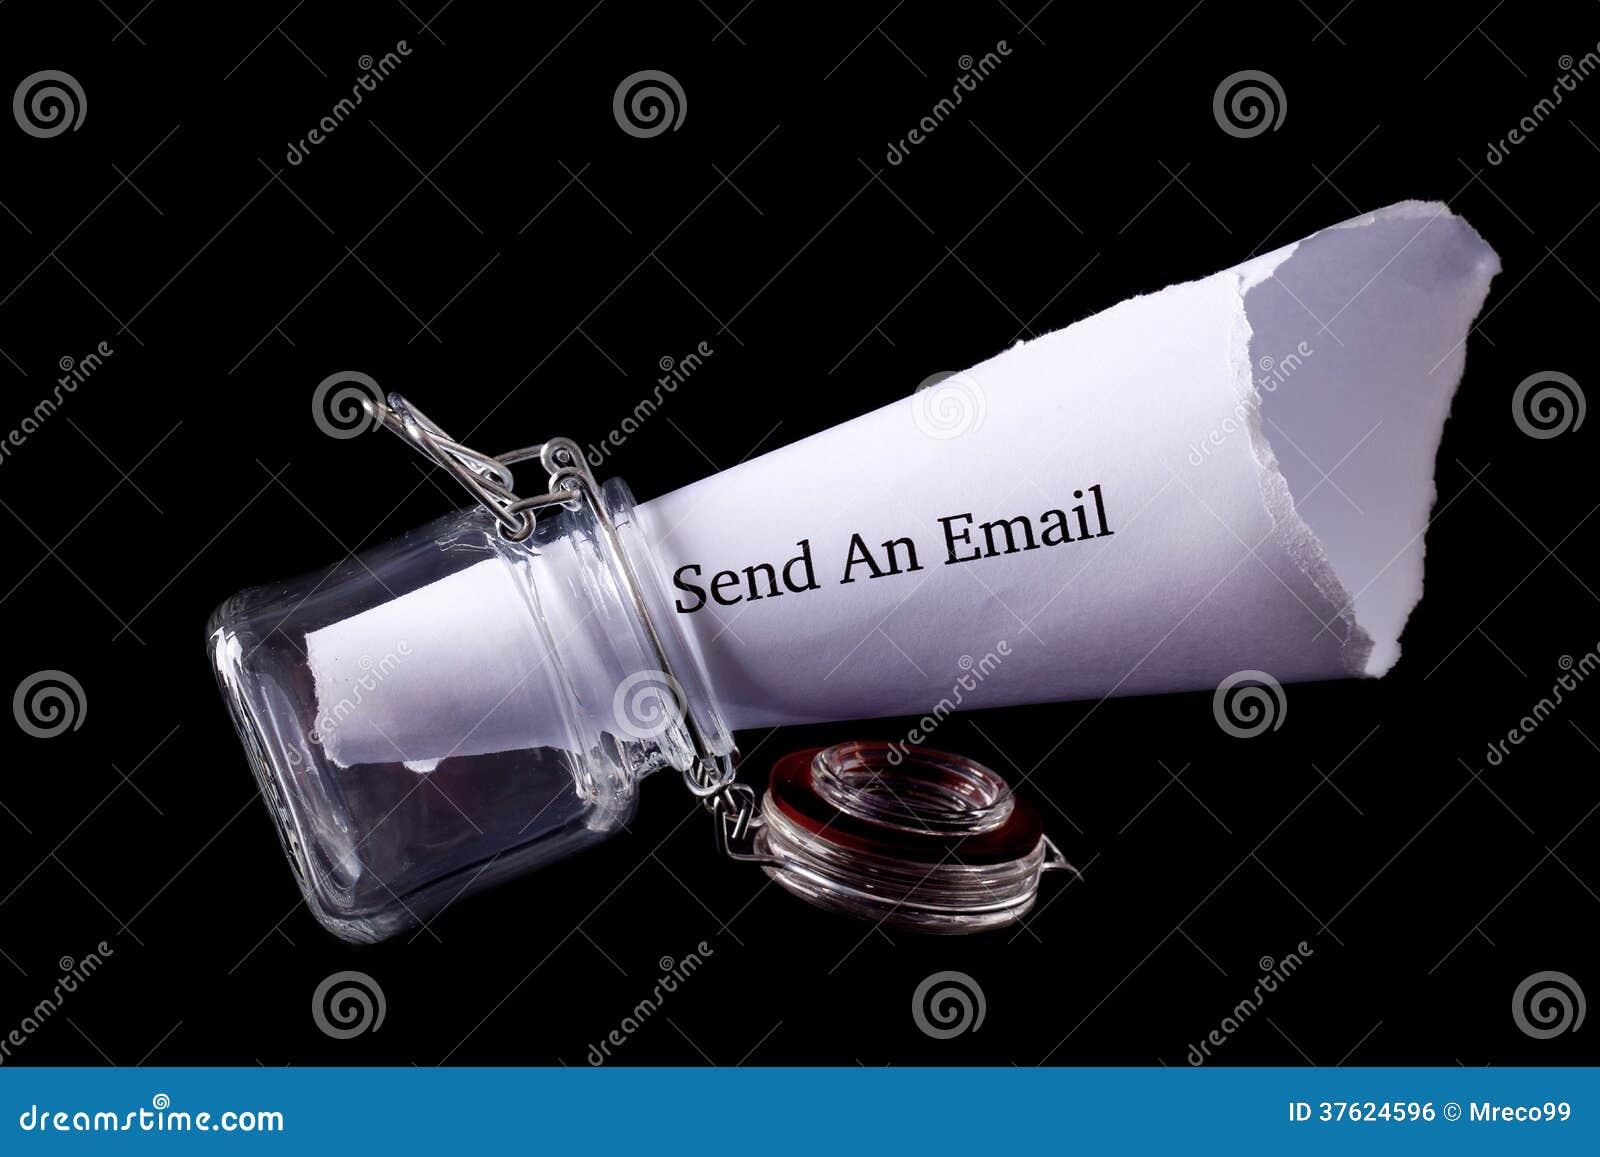 Envie a nota do email